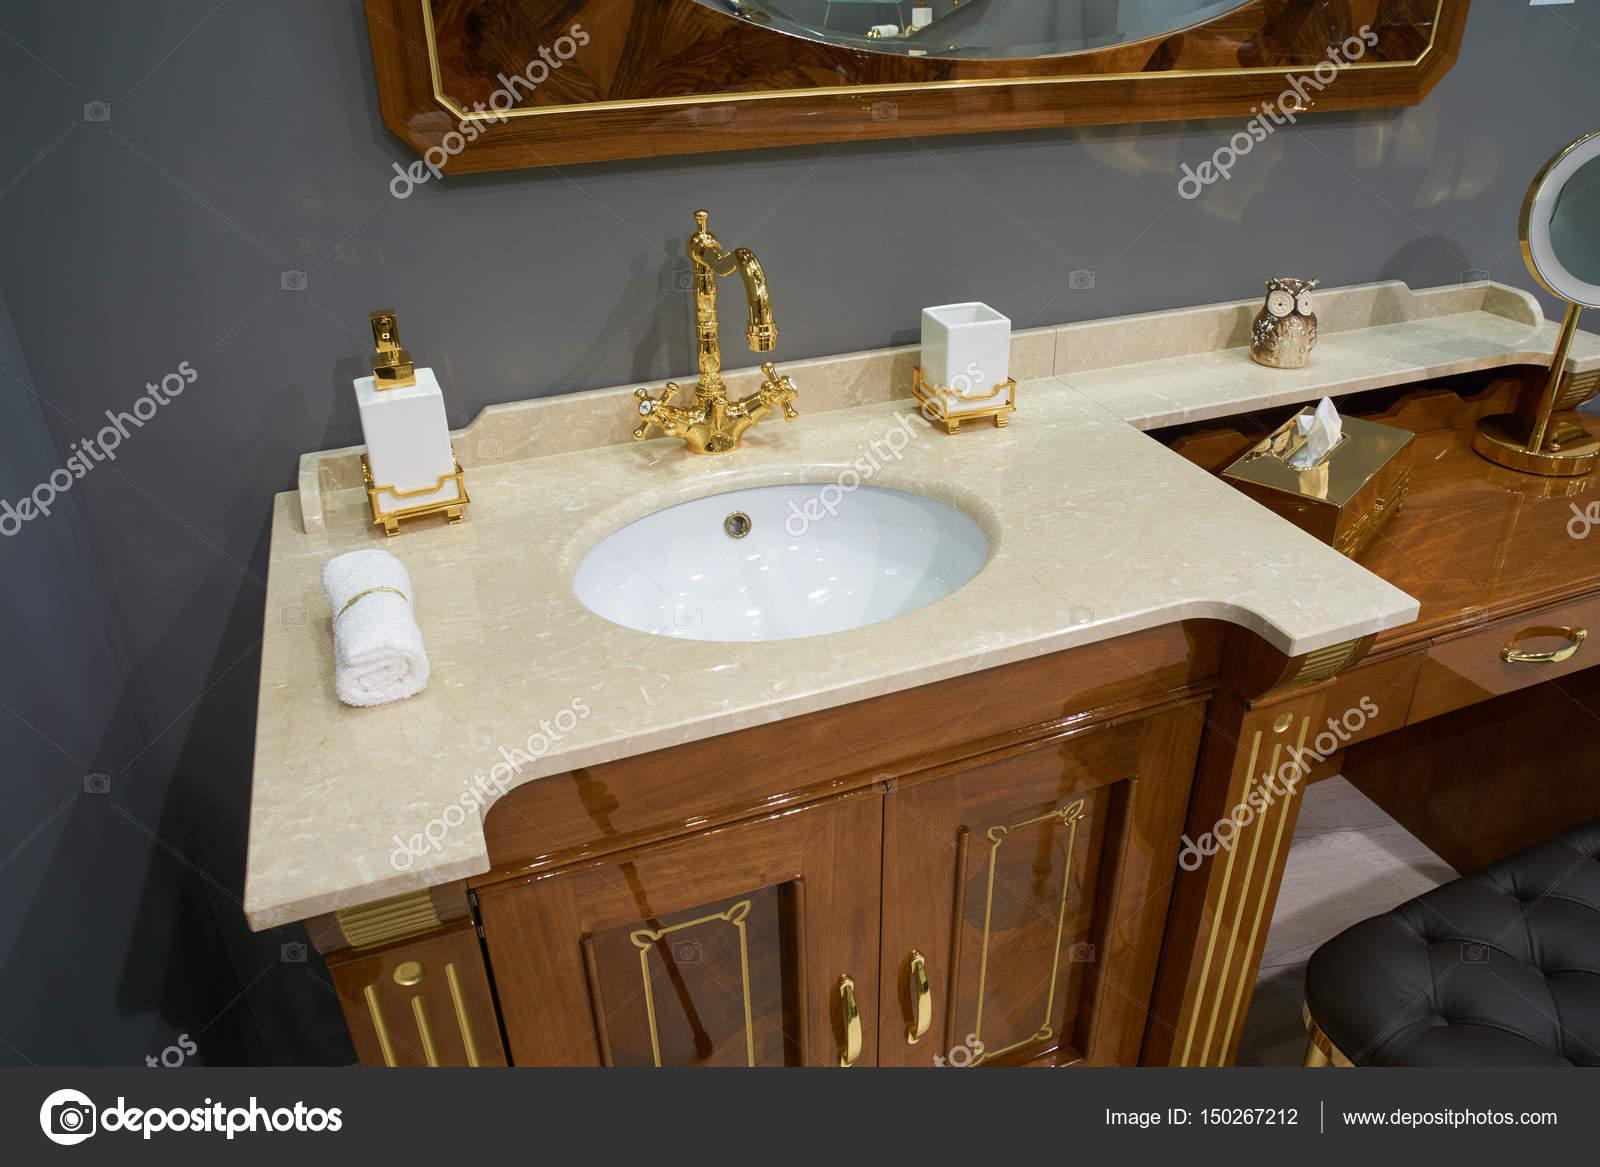 Blick Auf Luxus Badezimmer Mit Weißen Einschub Keramik Waschbecken Mit  Glänzend Gold Plated Metall Mischer Und Zubehör U2014 Foto Von Photopotam